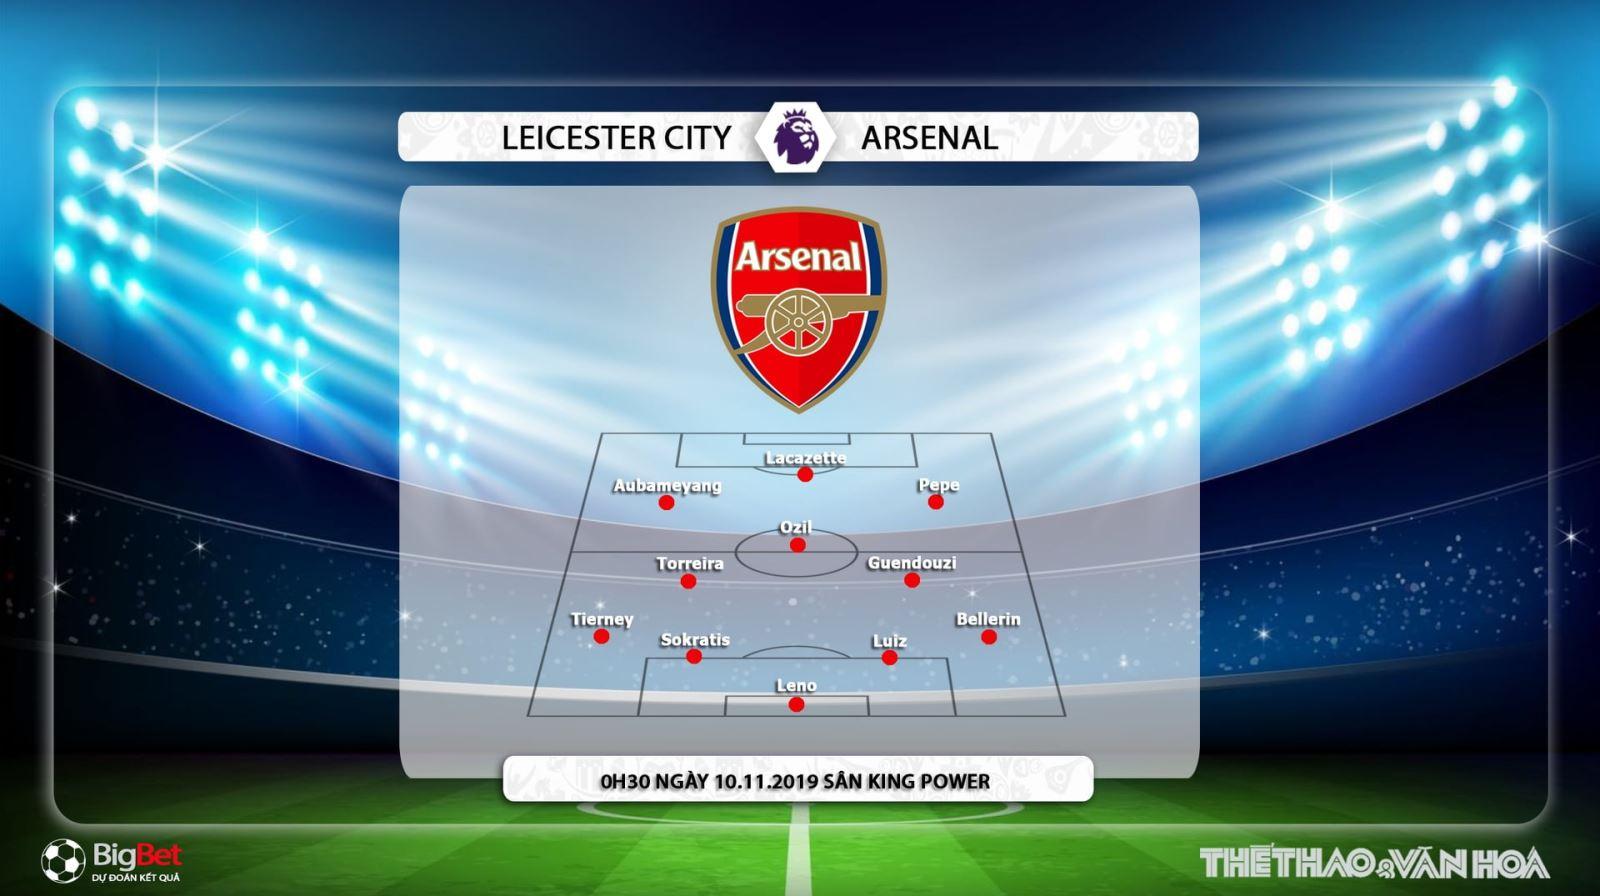 Kèo Leicester đấu với Arsenal, truc tiep bong da hom nay, Arsenal vs Leicester City, bóng đá trực tiếp, K+, K+PM, K+PC, K+1, xem bóng đá trực tuyến, Ngoại hạng Anh